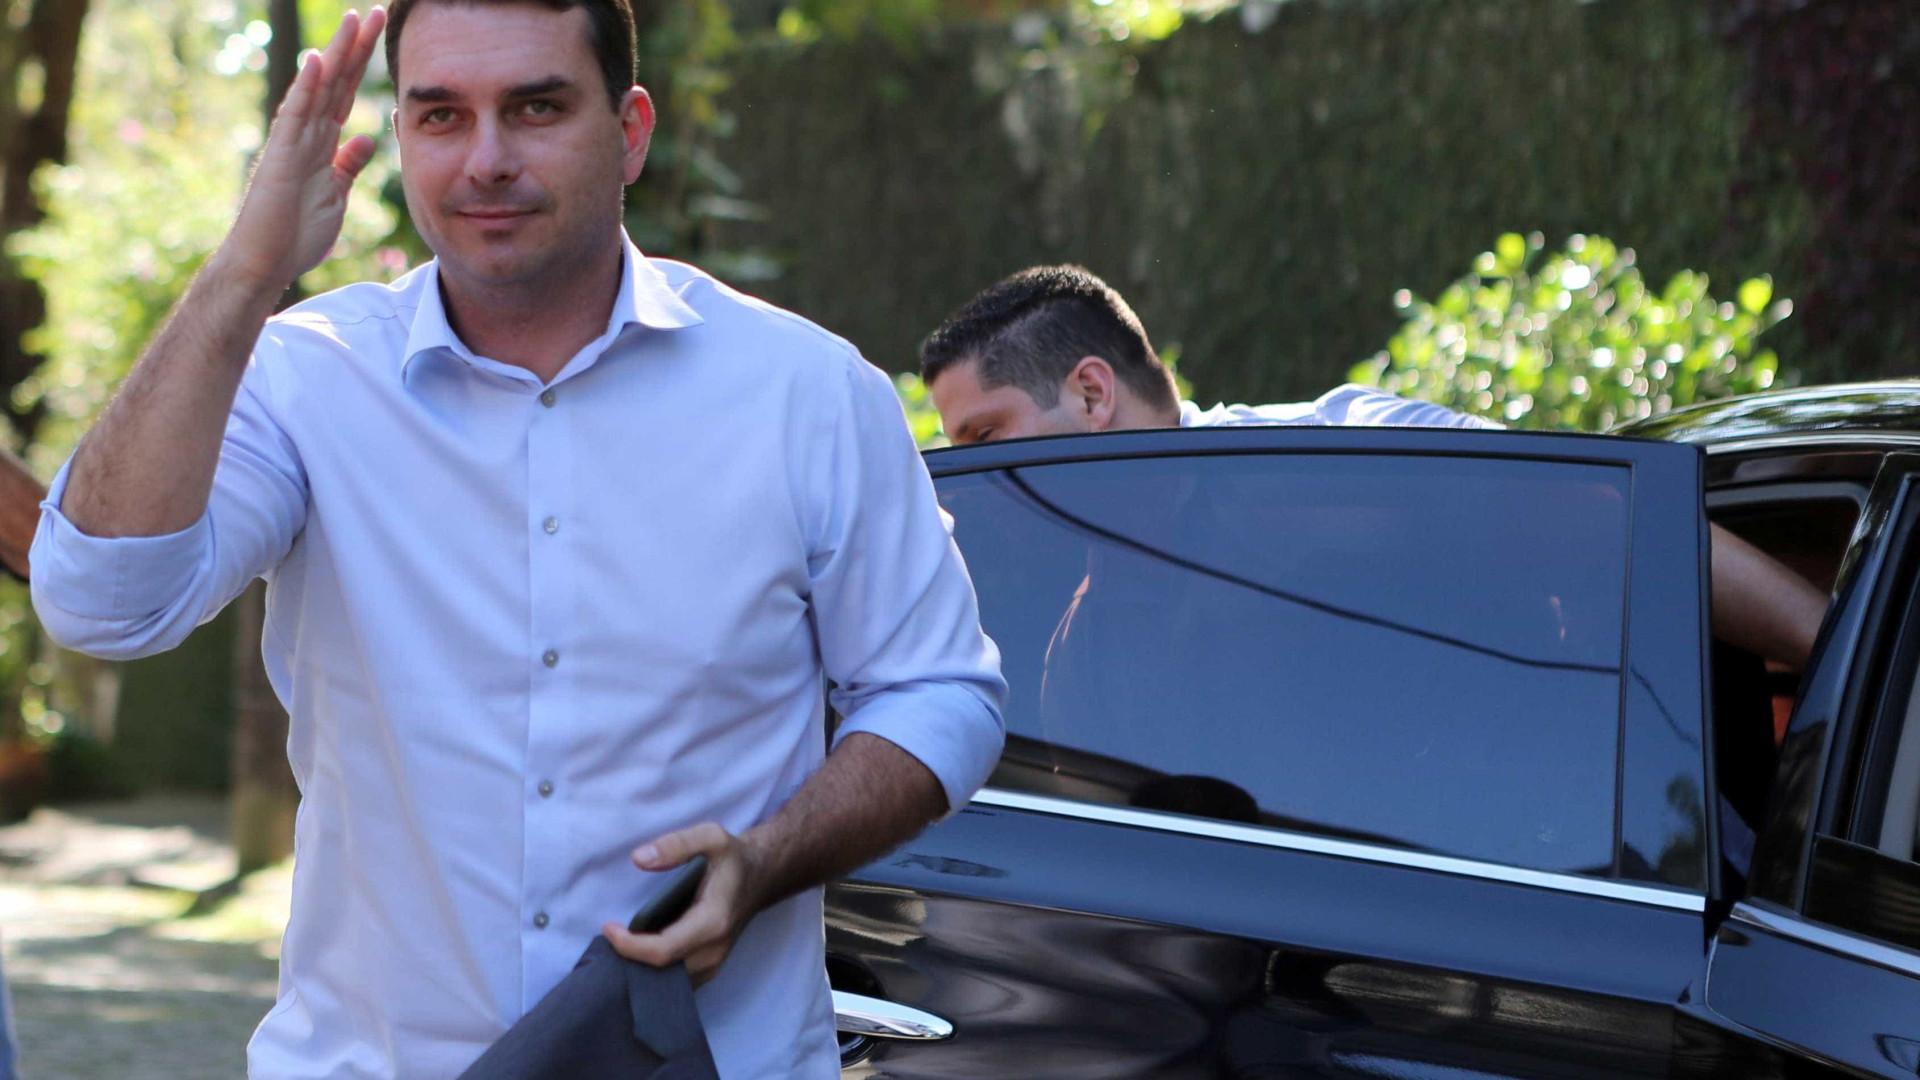 Flávio diz que ex-assessor lhe relatou 'história bastante plausível'